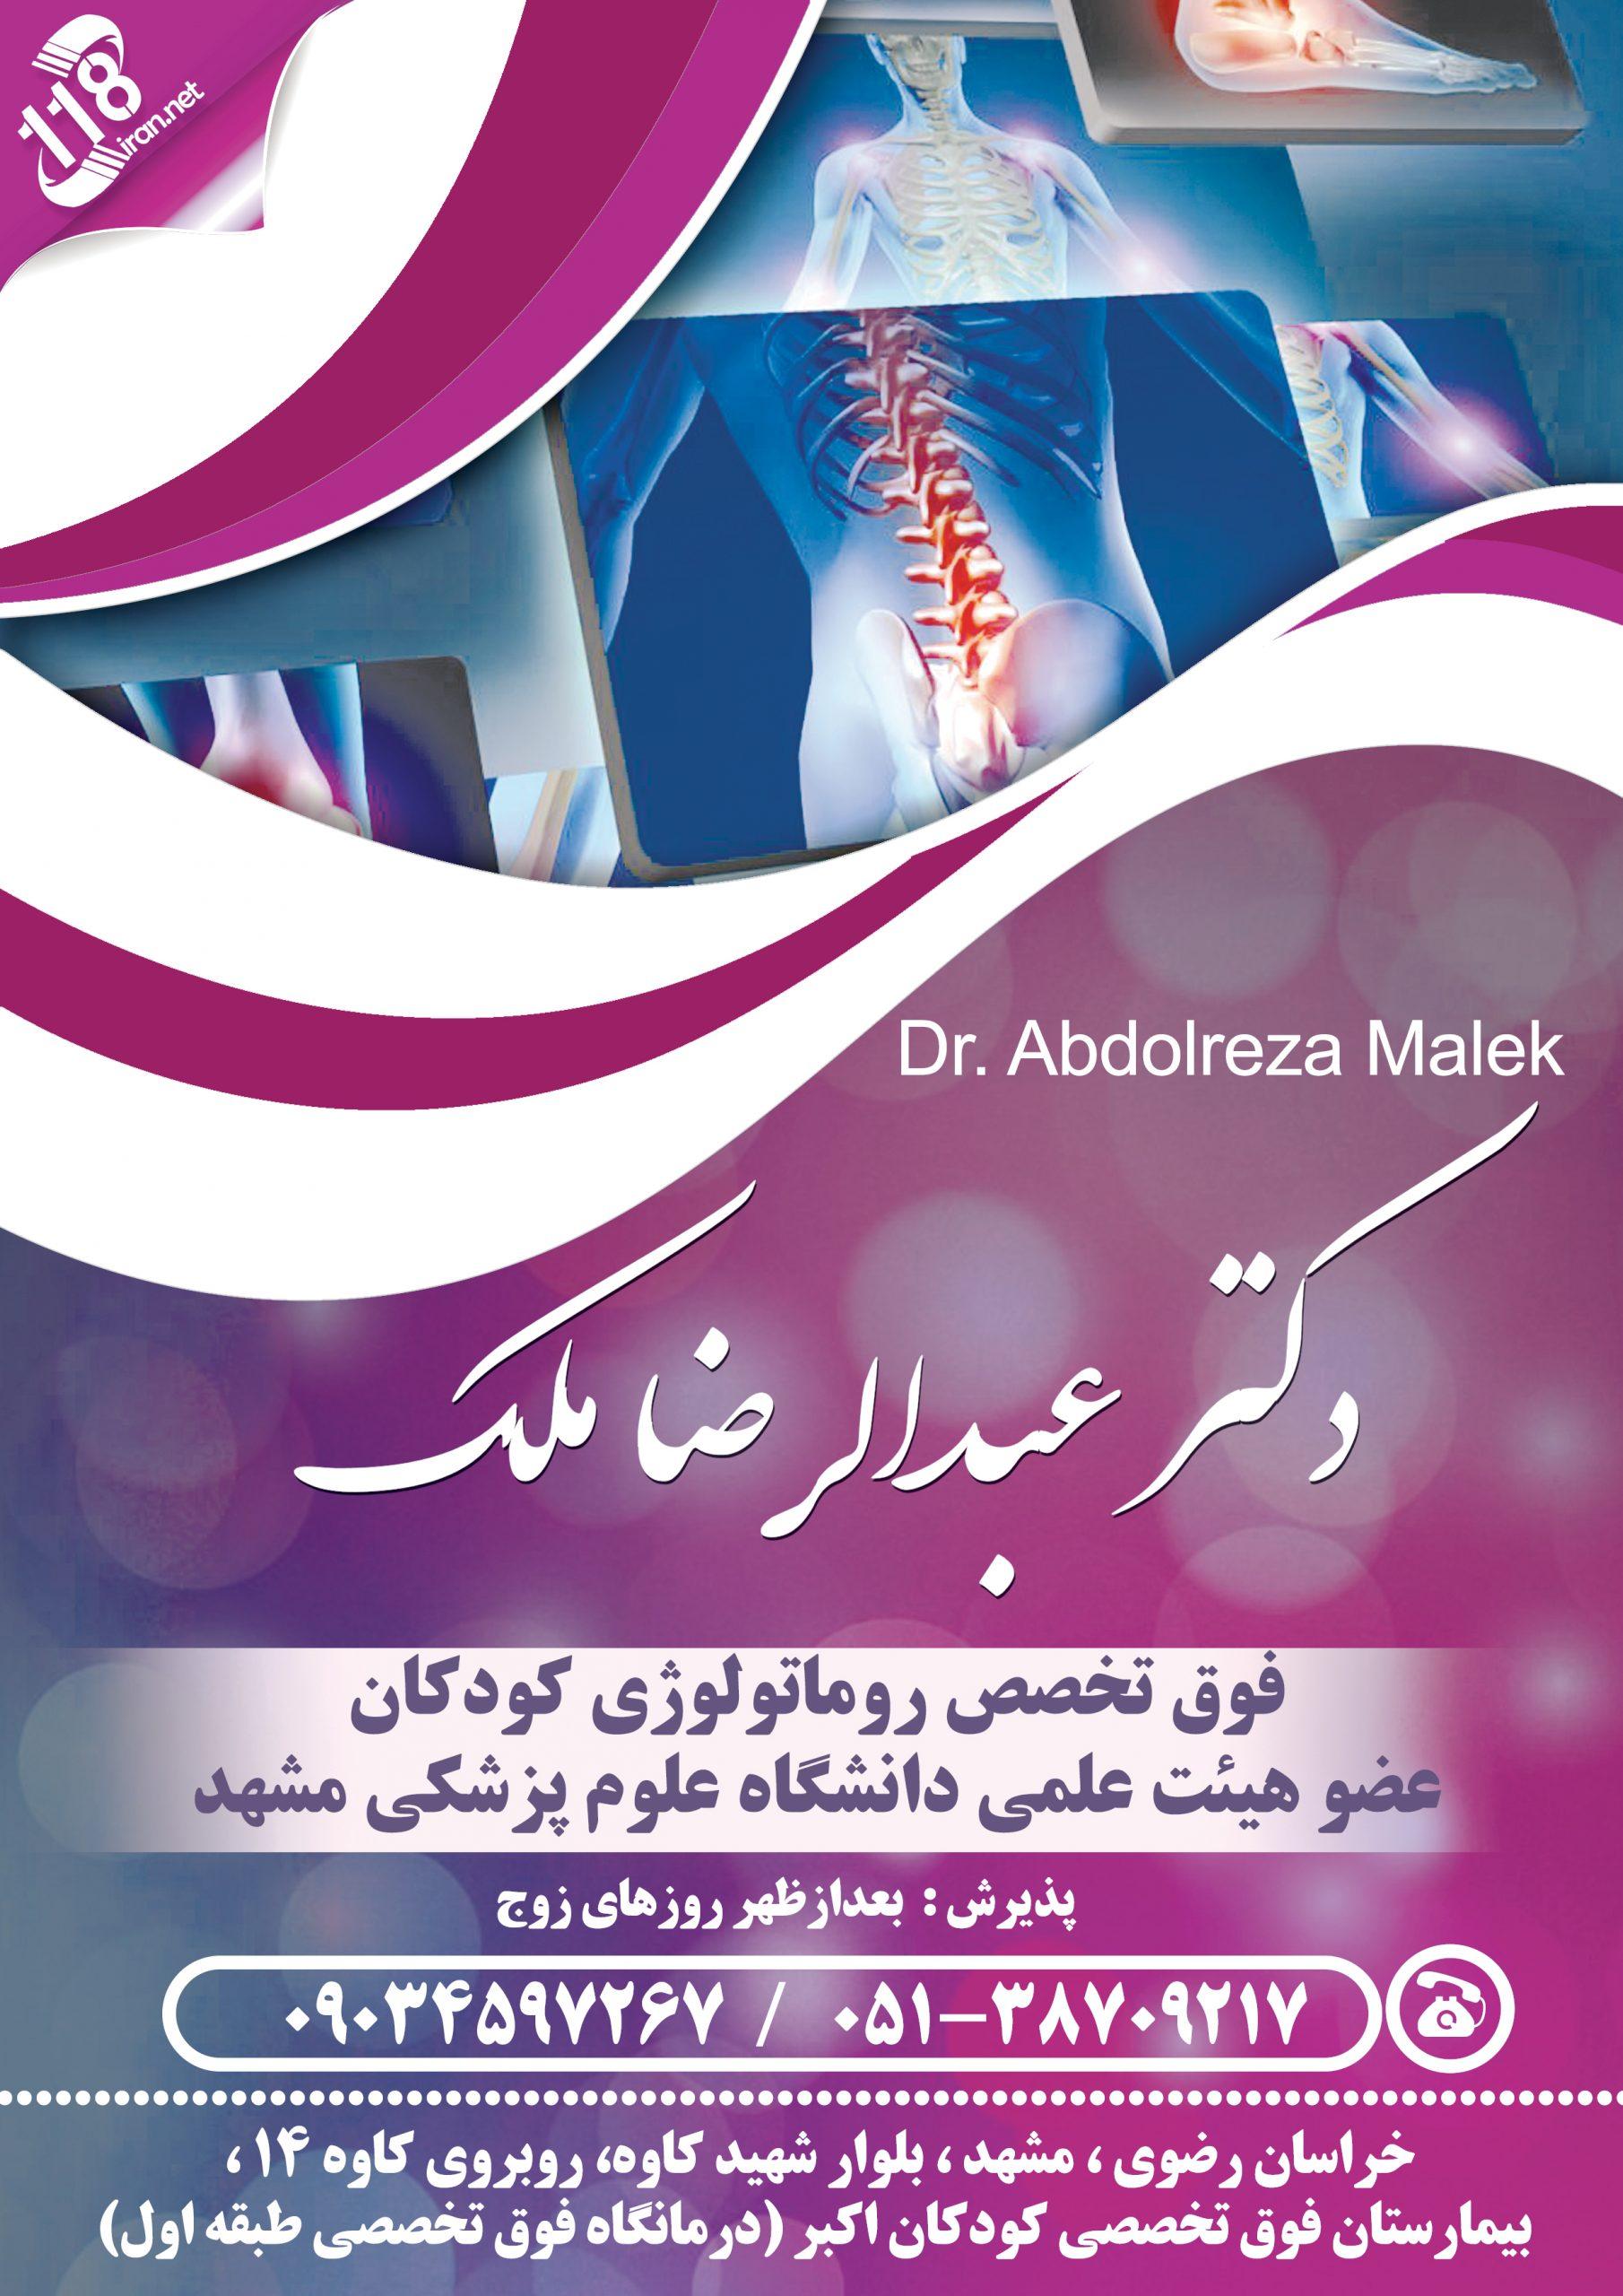 دکتر عبدالرضا ملک